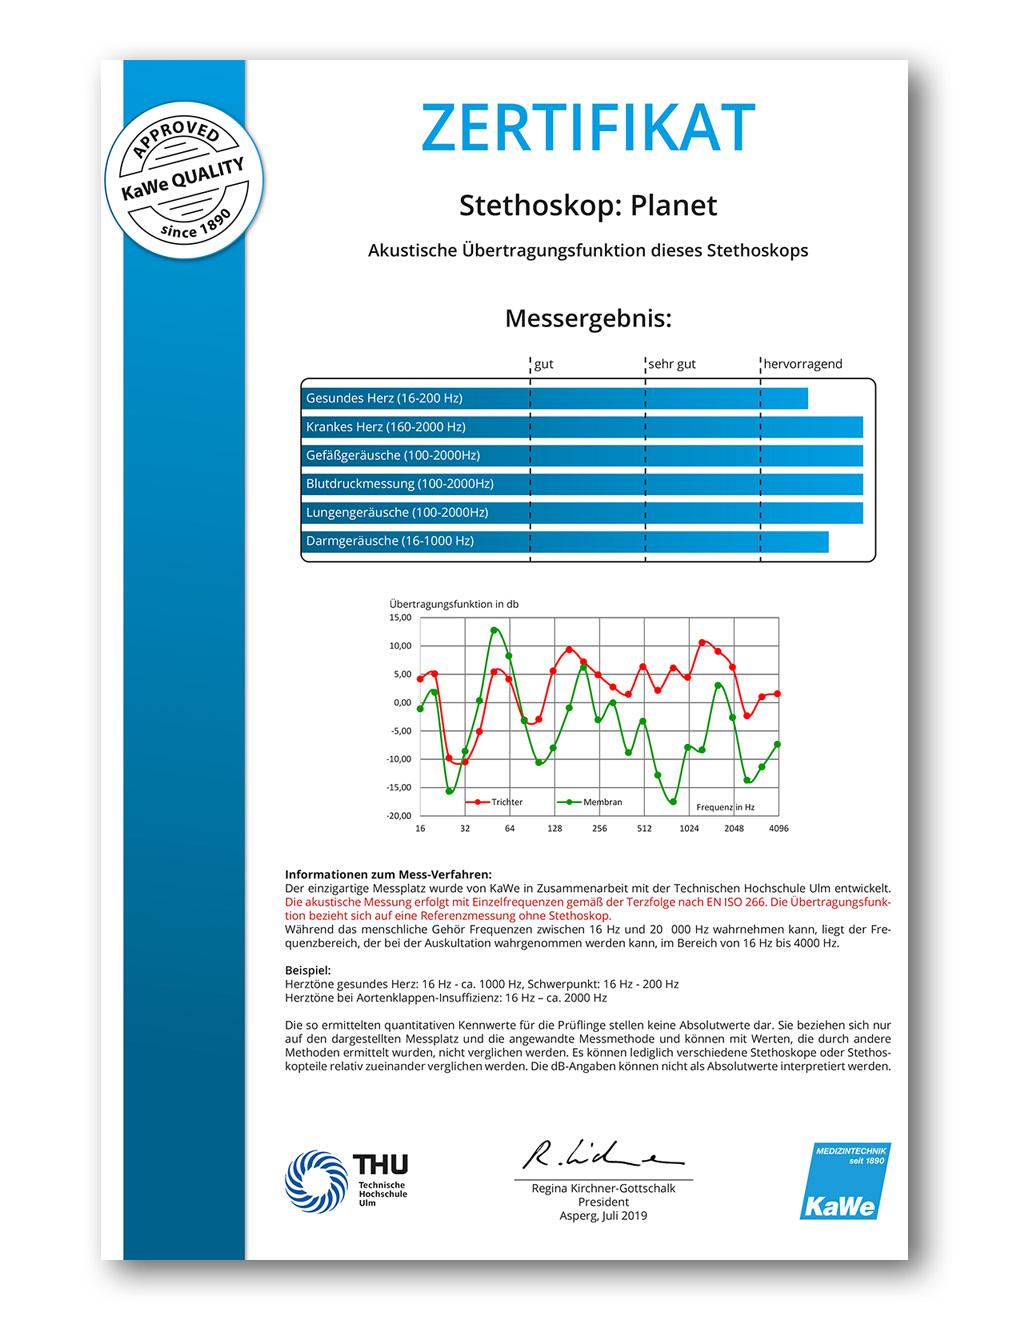 Zertifikat Planet